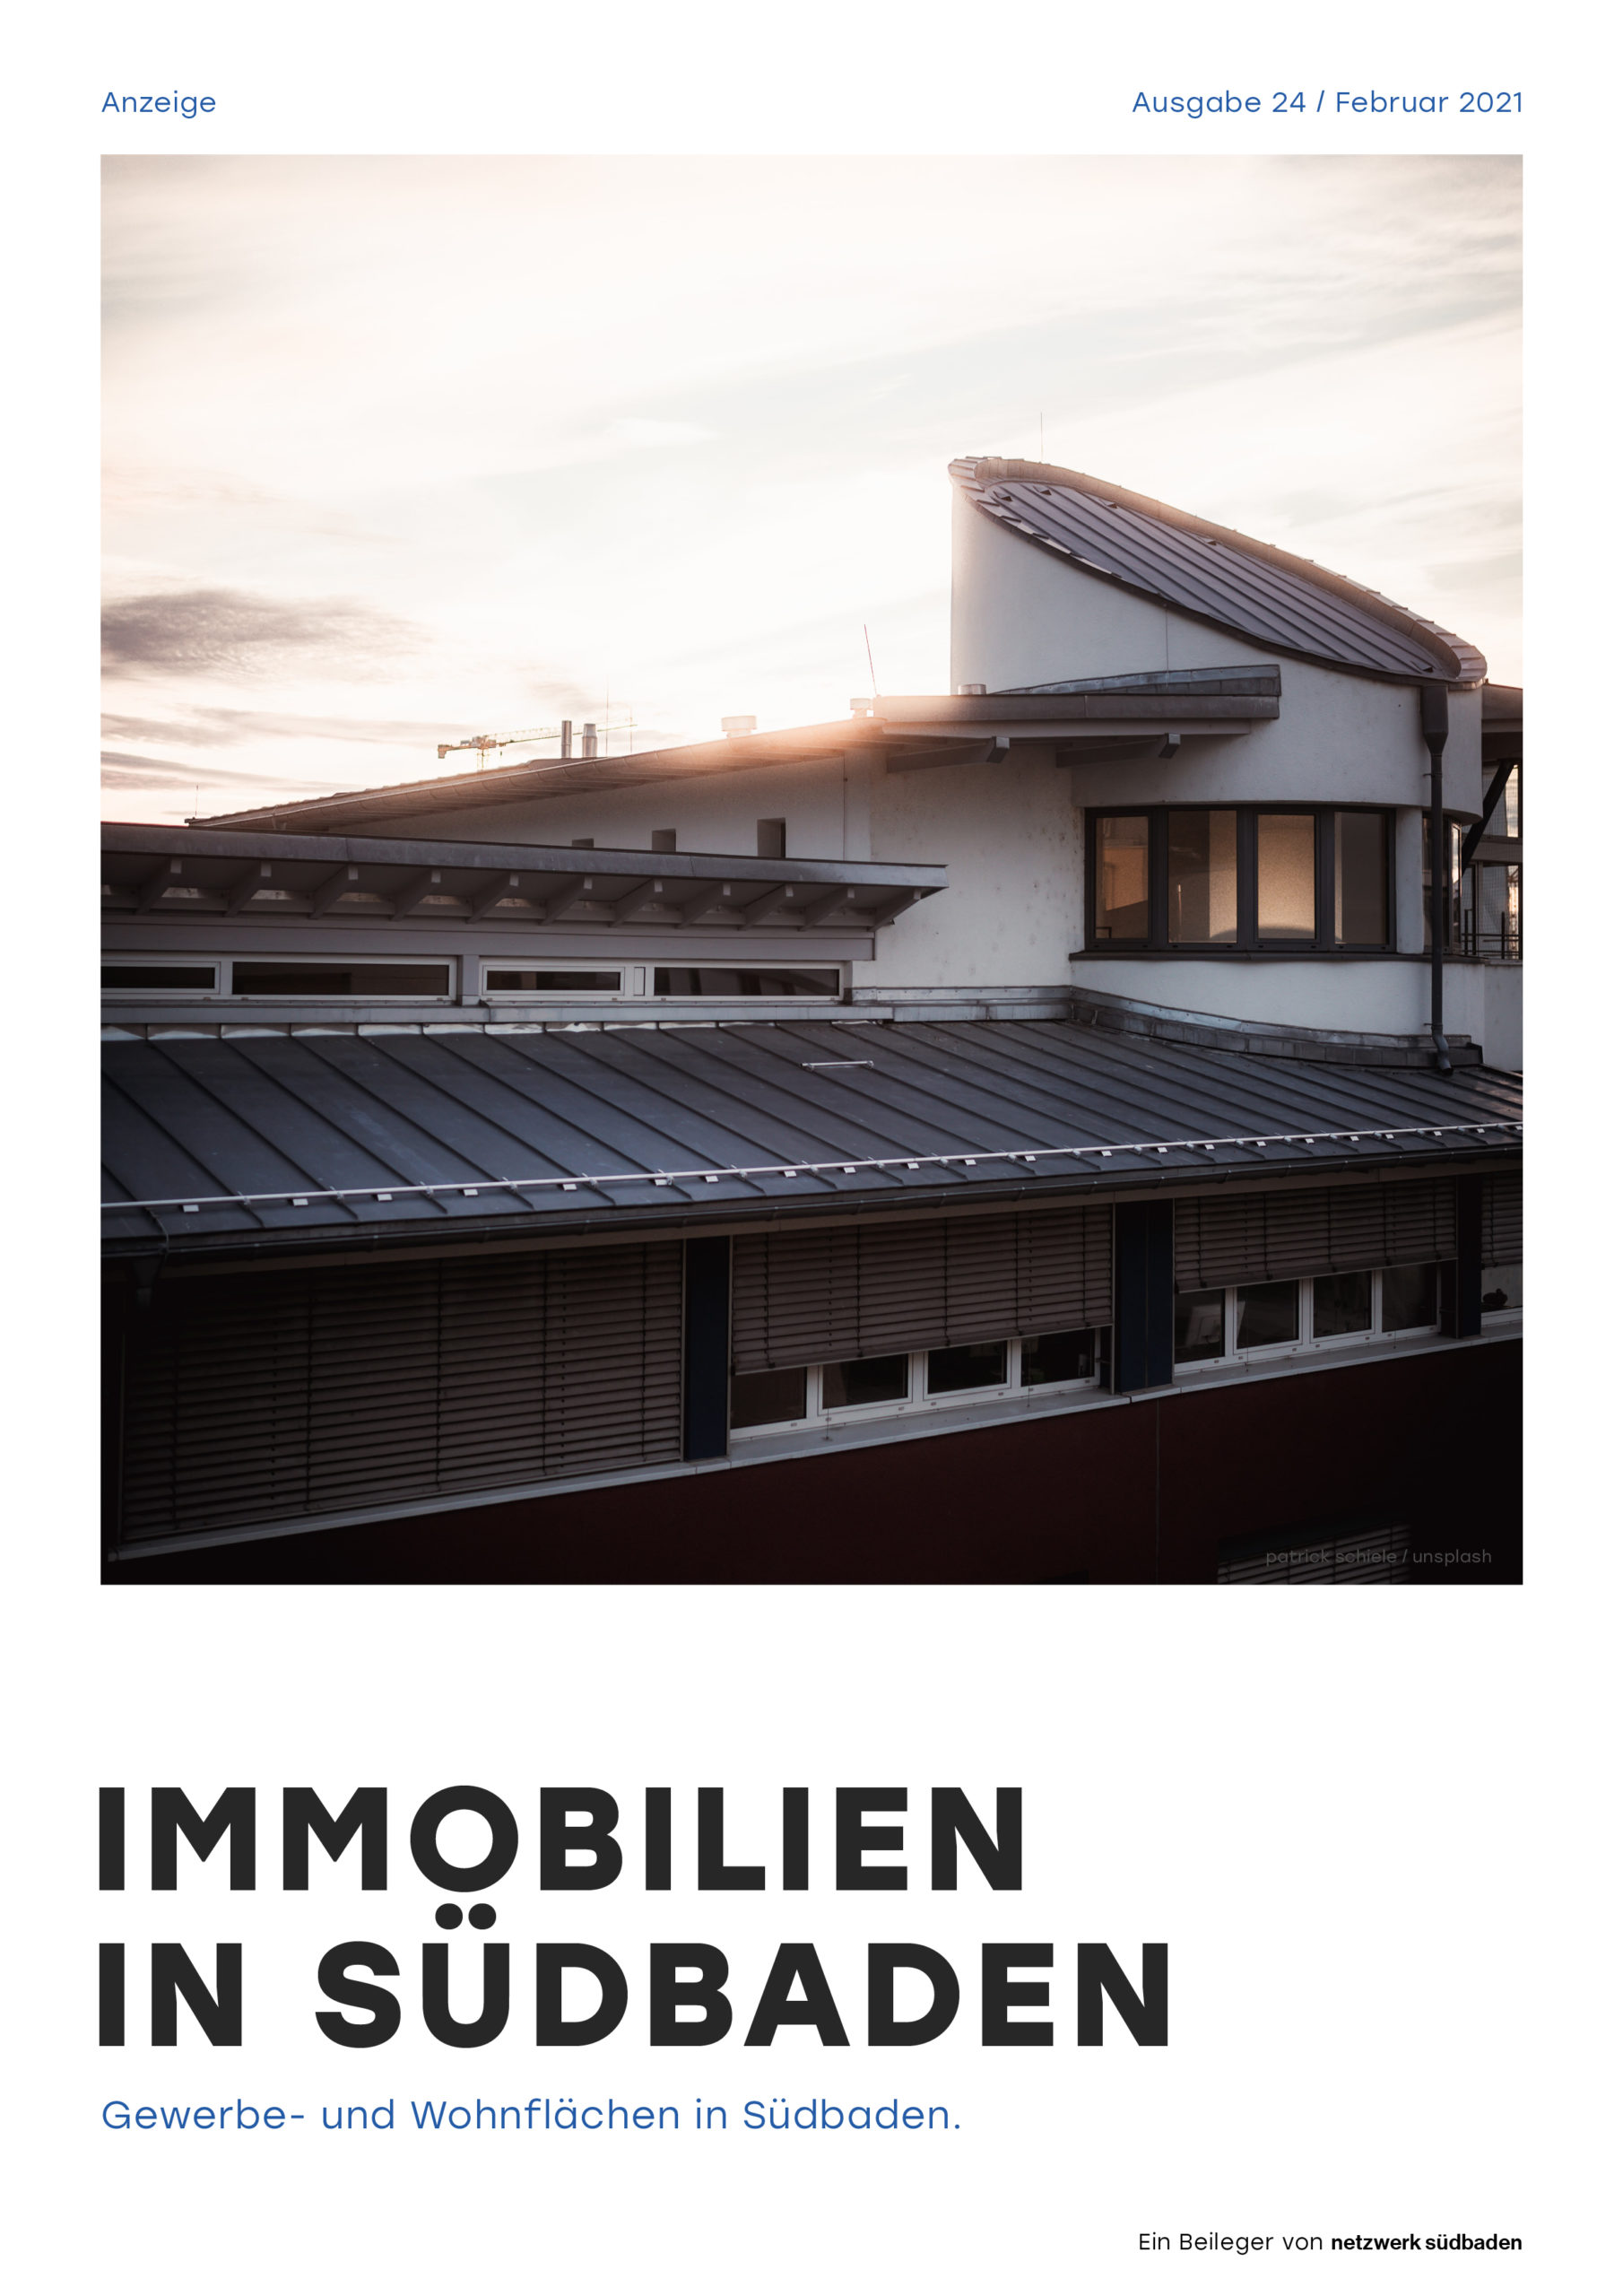 Immobilien in Südbaden